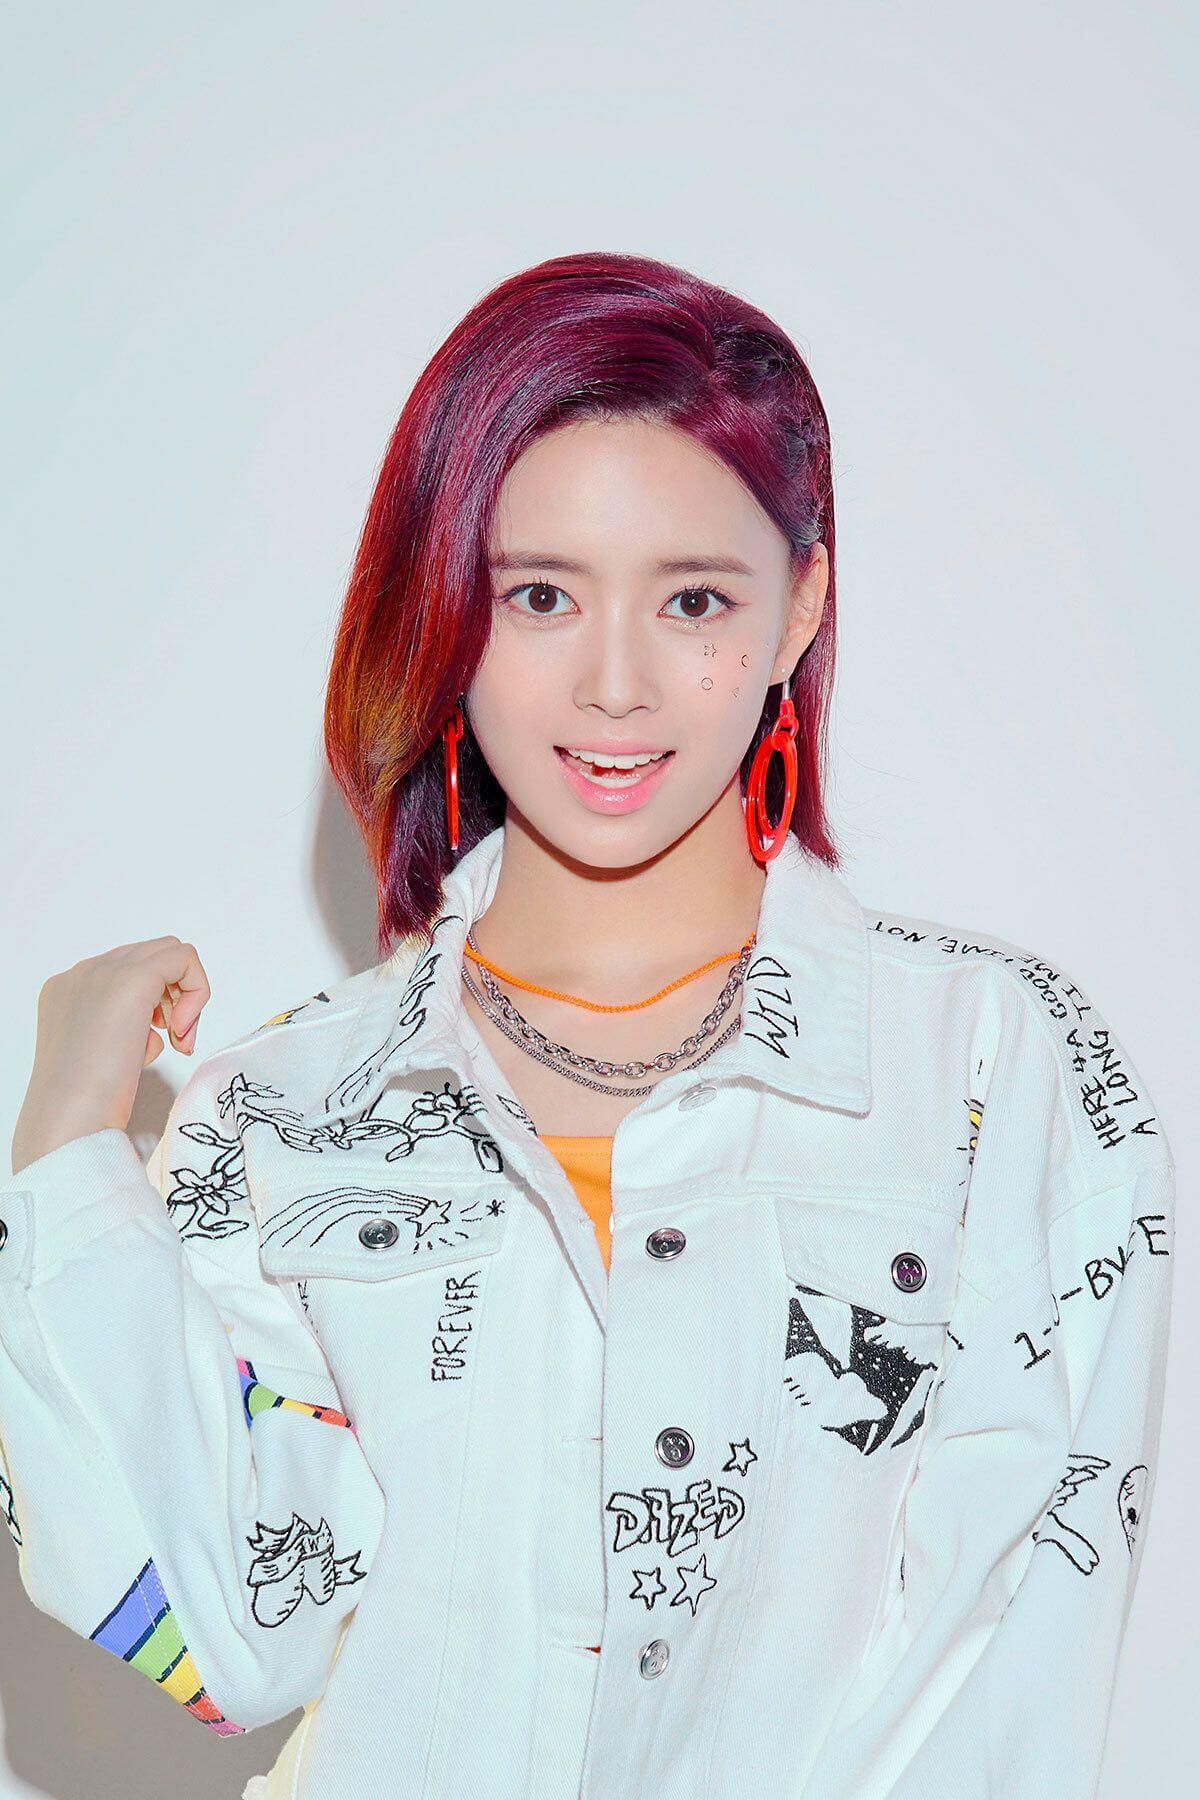 Rima profile image